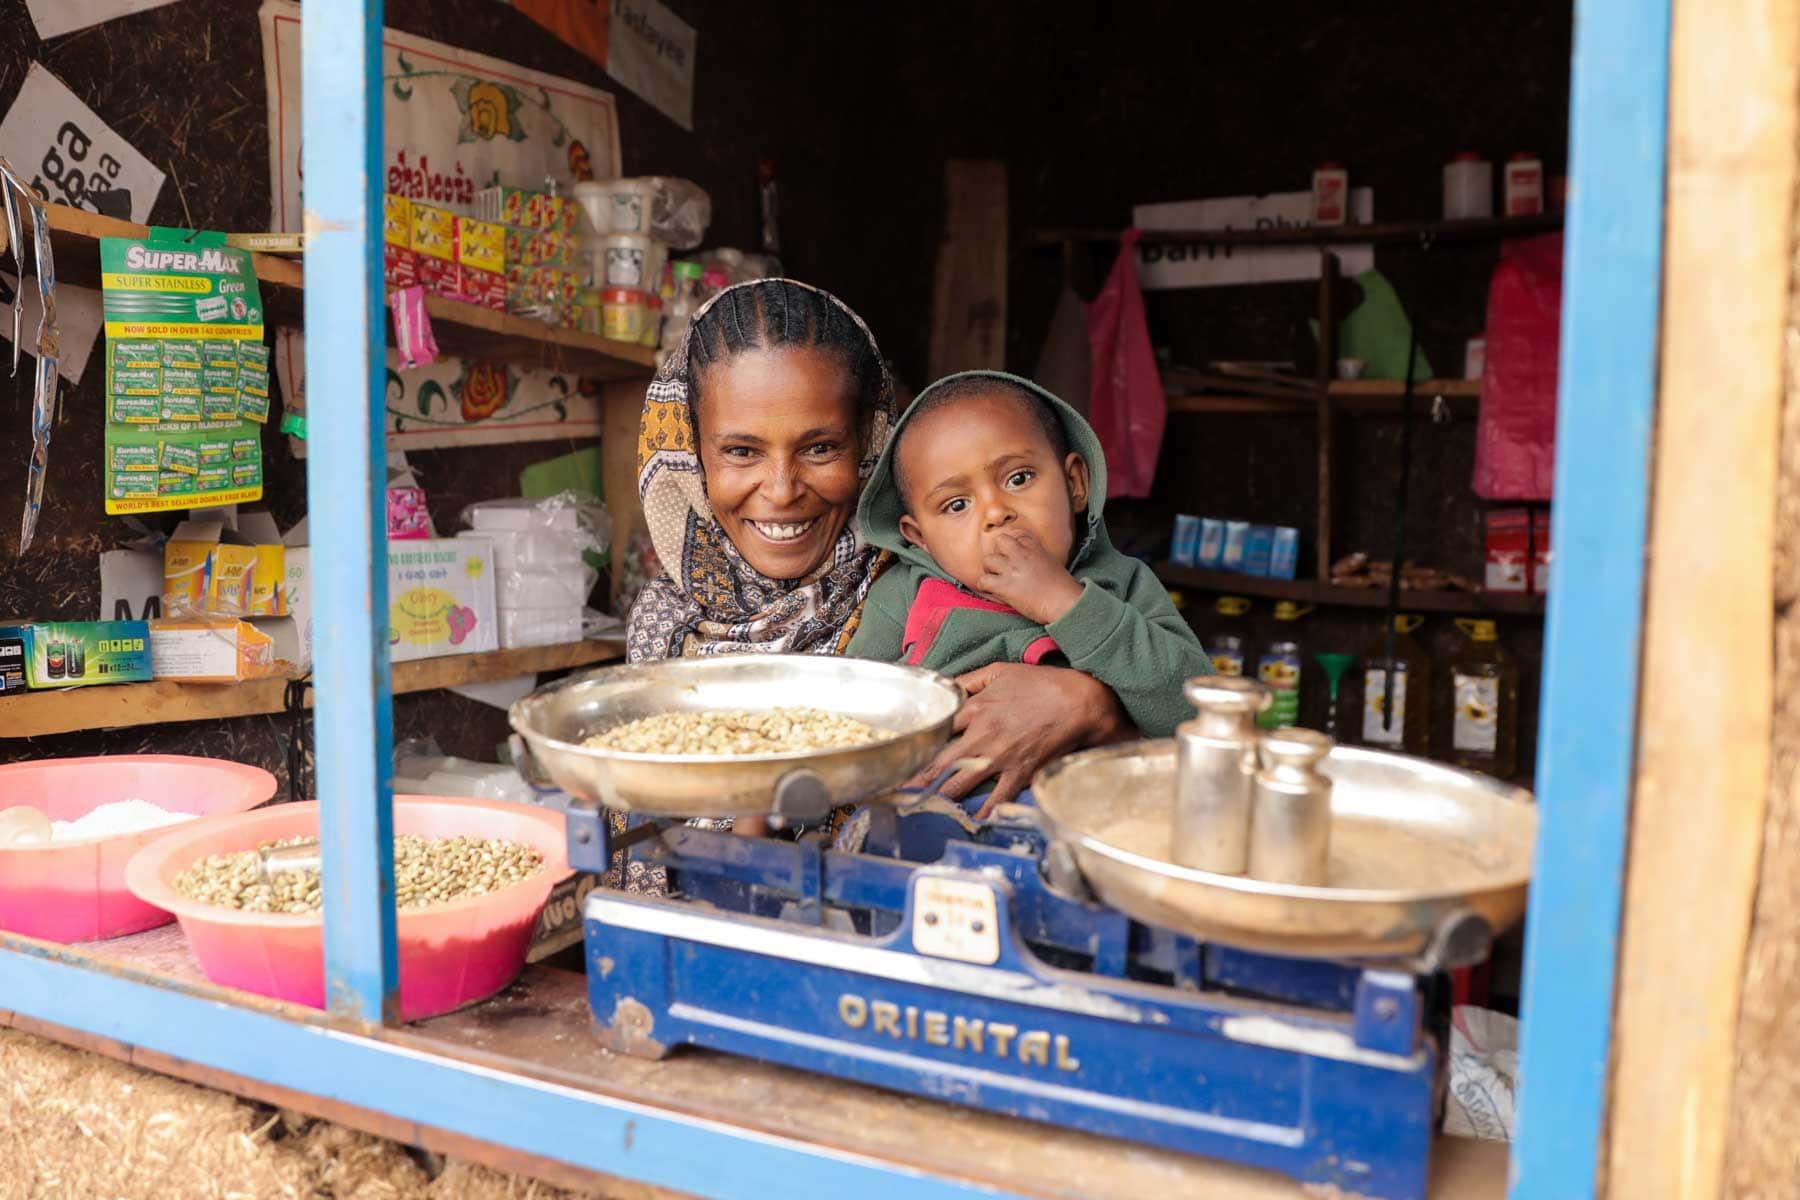 Frau mit Kind in eigenem Geschäft in Äthiopien